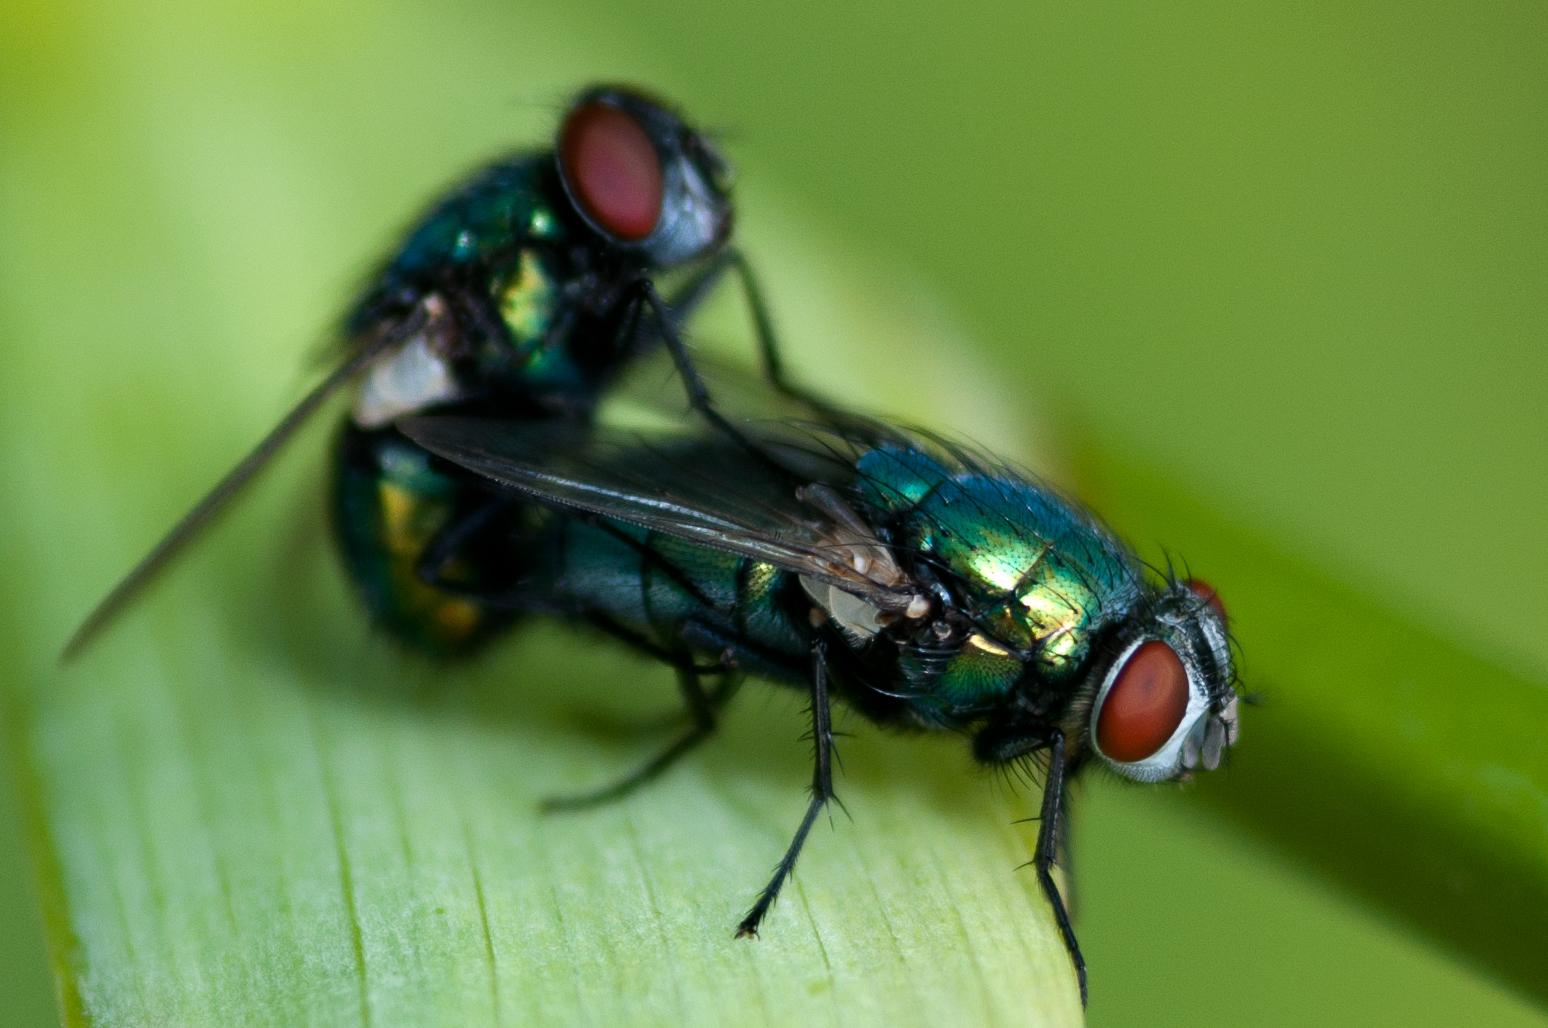 schmei fliegen bei der paarung foto bild tiere wildlife insekten bilder auf fotocommunity. Black Bedroom Furniture Sets. Home Design Ideas